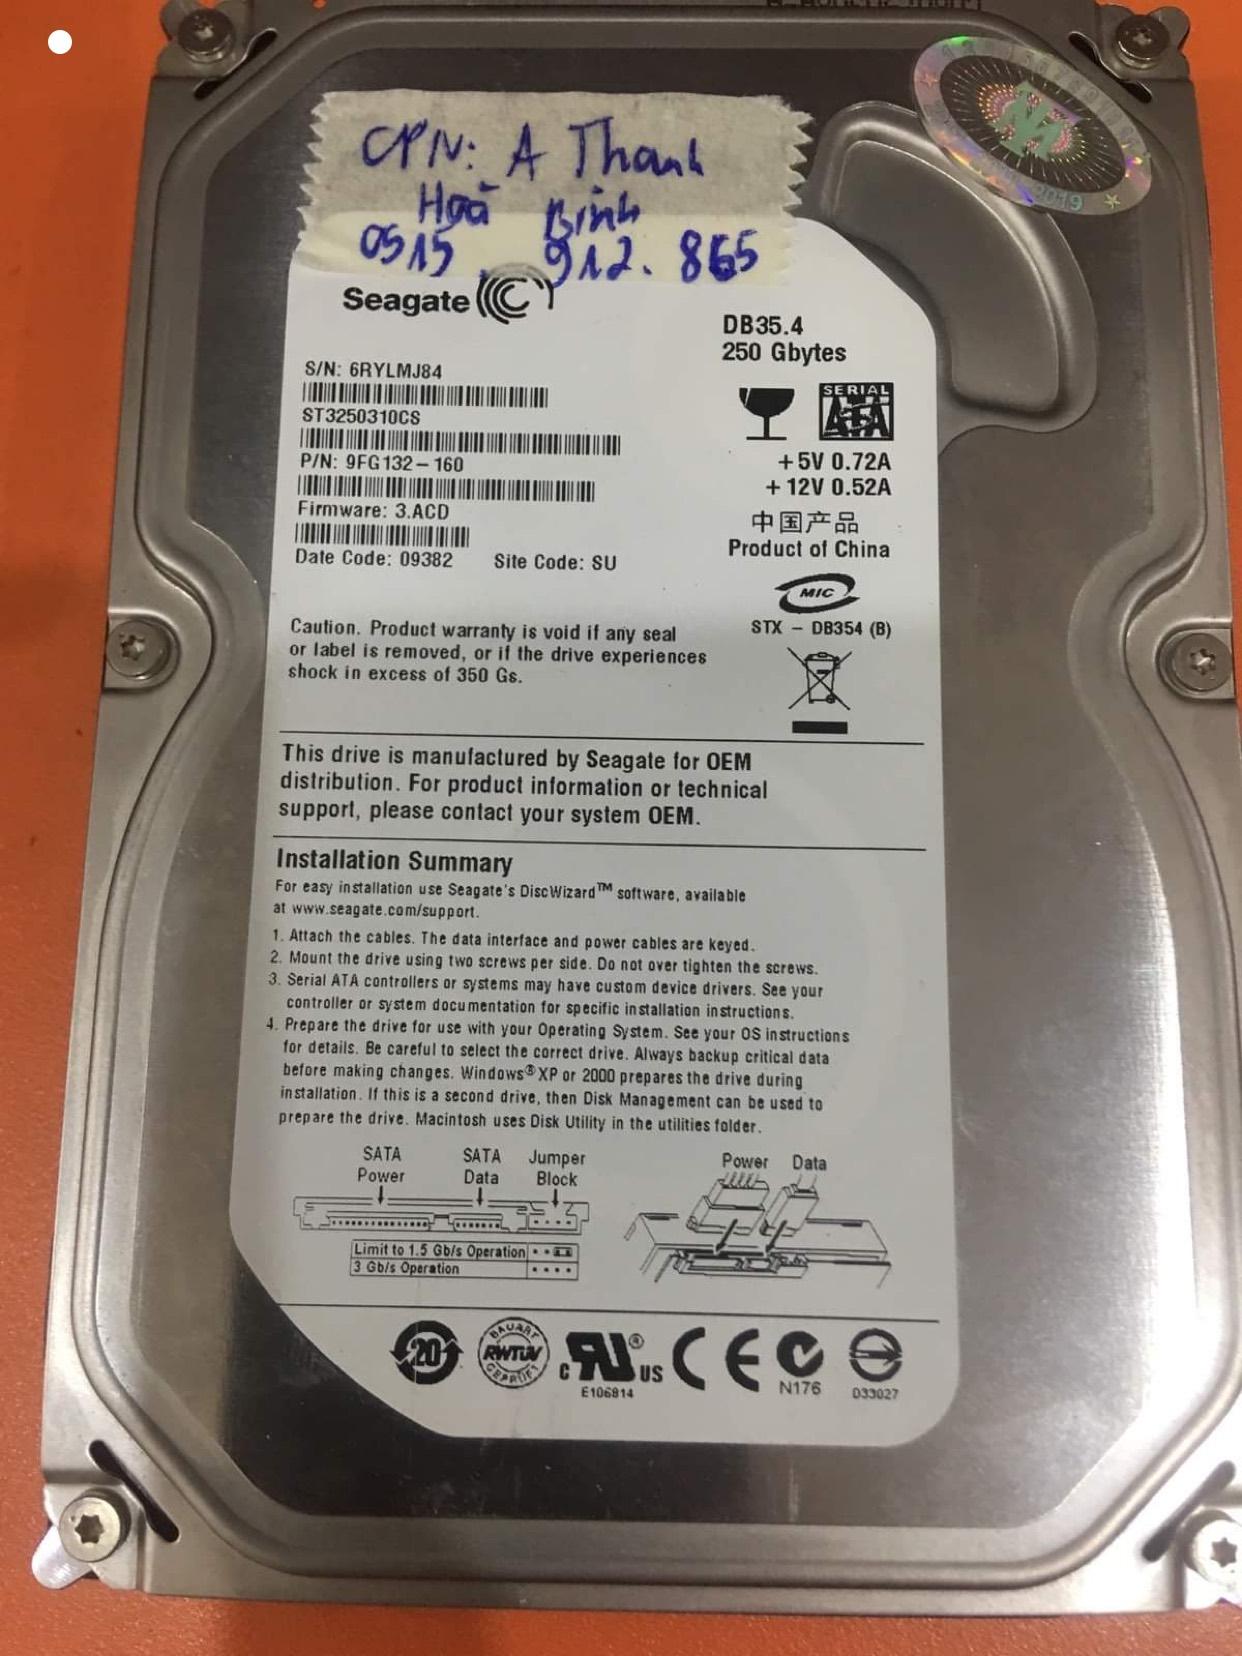 Cứu dữ liệu ổ cứng Seagate 250GB đầu đọc kém tại Hòa Bình 01/07/2020  - cuumaytinh